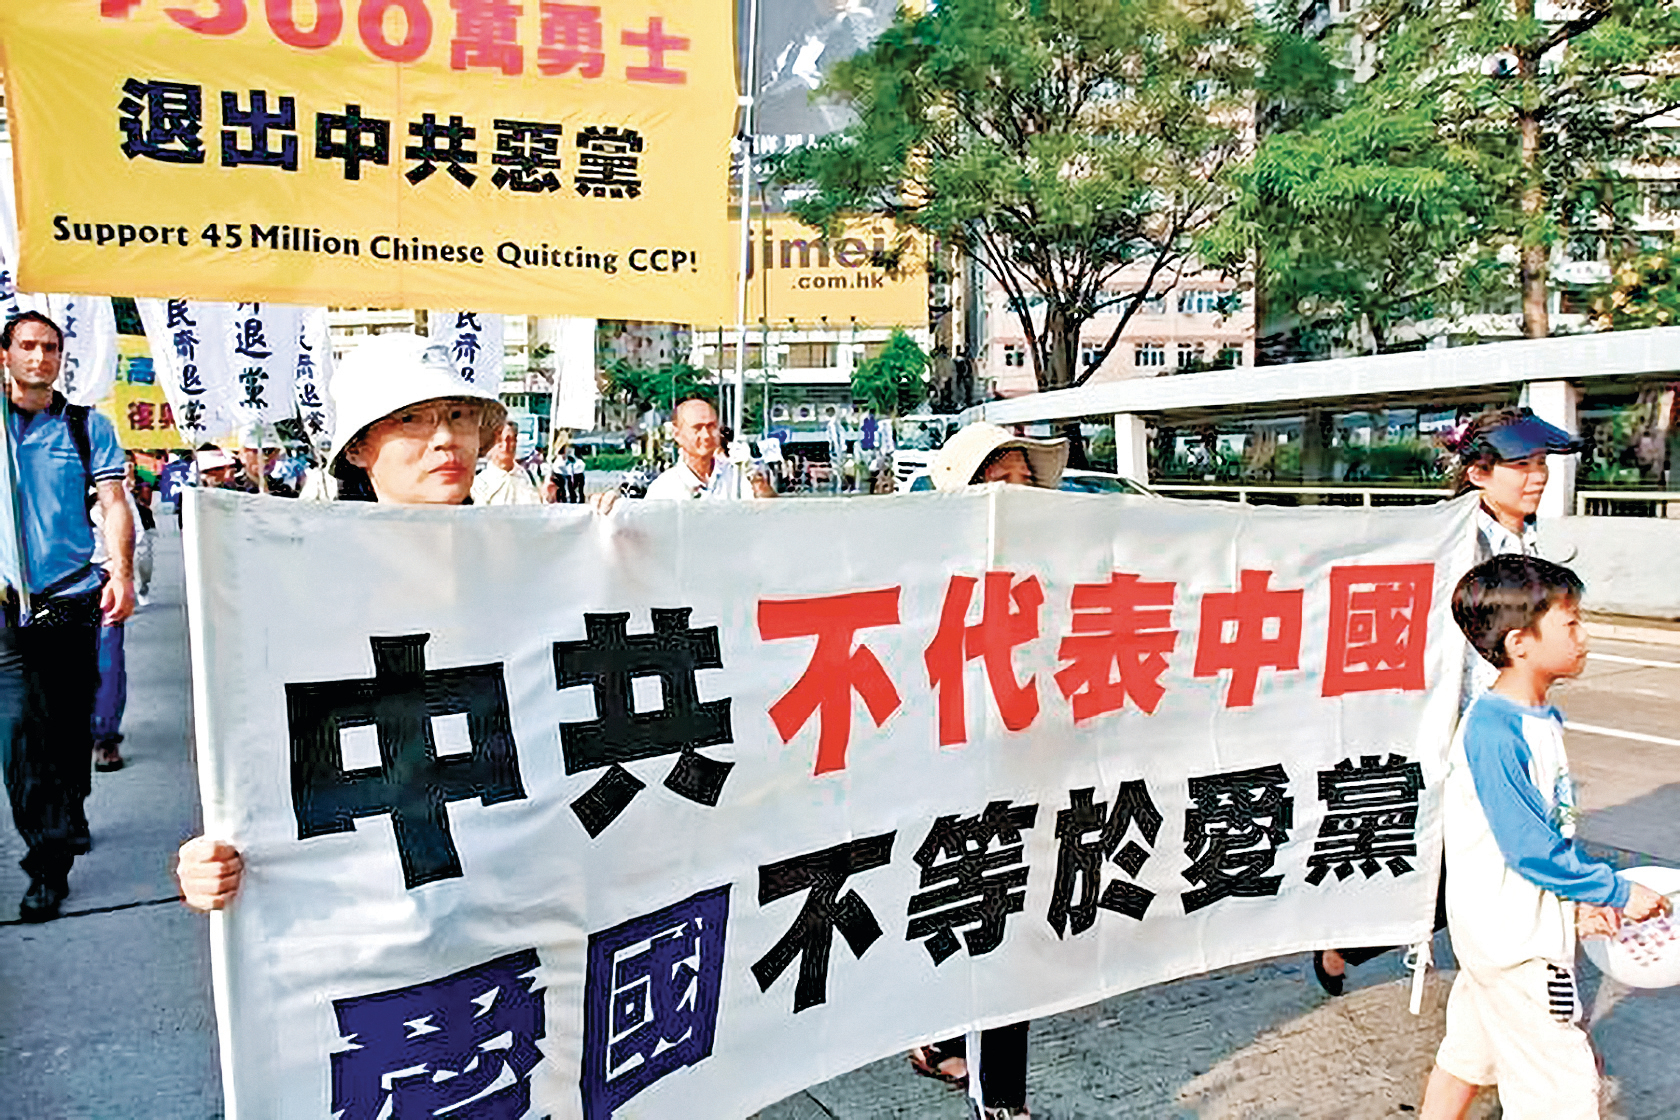 中共最恐懼的第一項,是「中共不是中國,共產黨不等於中國人民」。圖為海外華人舉著標語遊行。(李明∕大紀元)